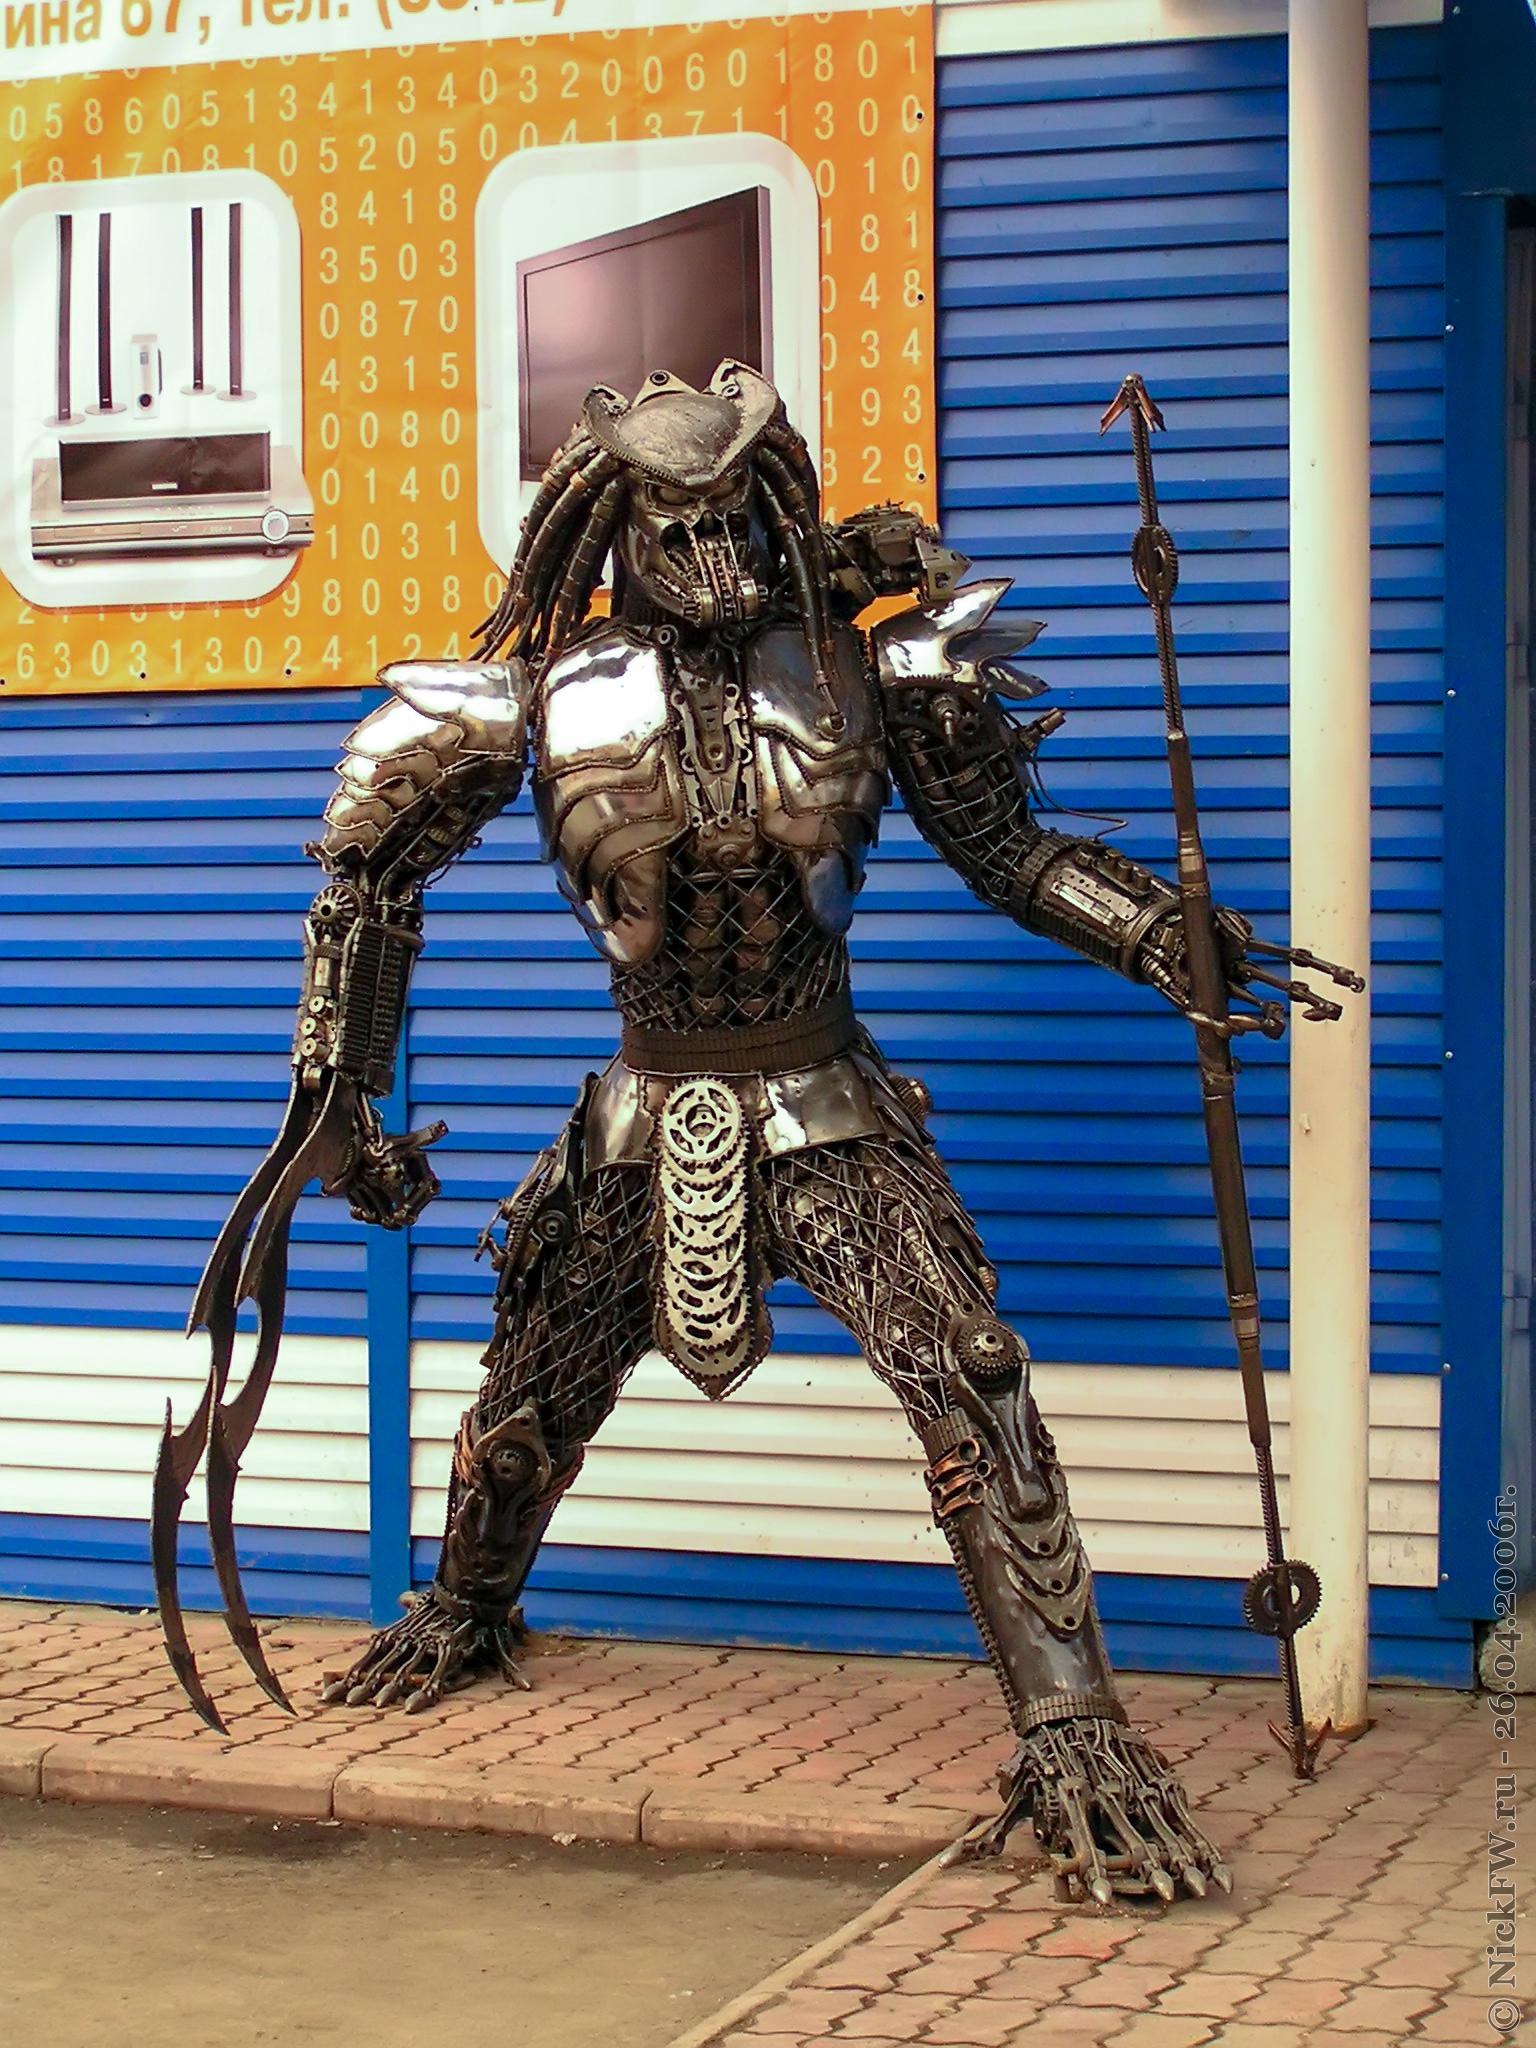 """7. Скульптура """"Хищник"""" у Магазина """"Дивизион"""" - © NickFW.ru - 26.04.2006г. больше фото тут: https://nickfw.livejournal.com/56300.html"""